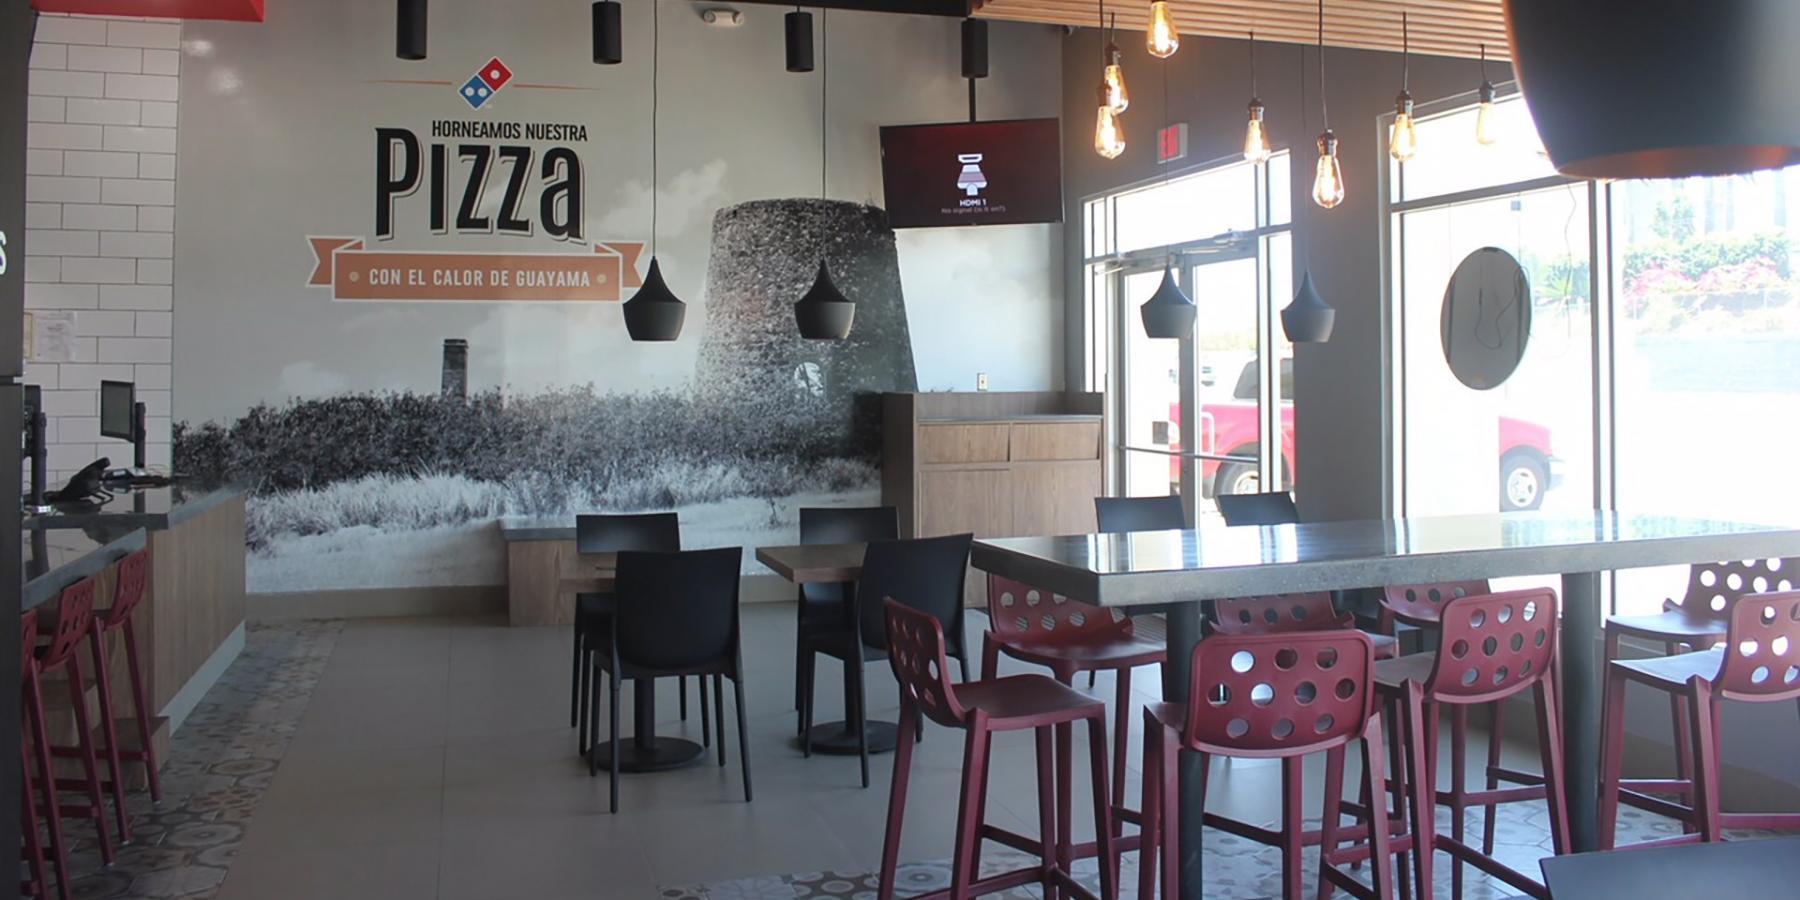 Pizzaria em Porto Rico